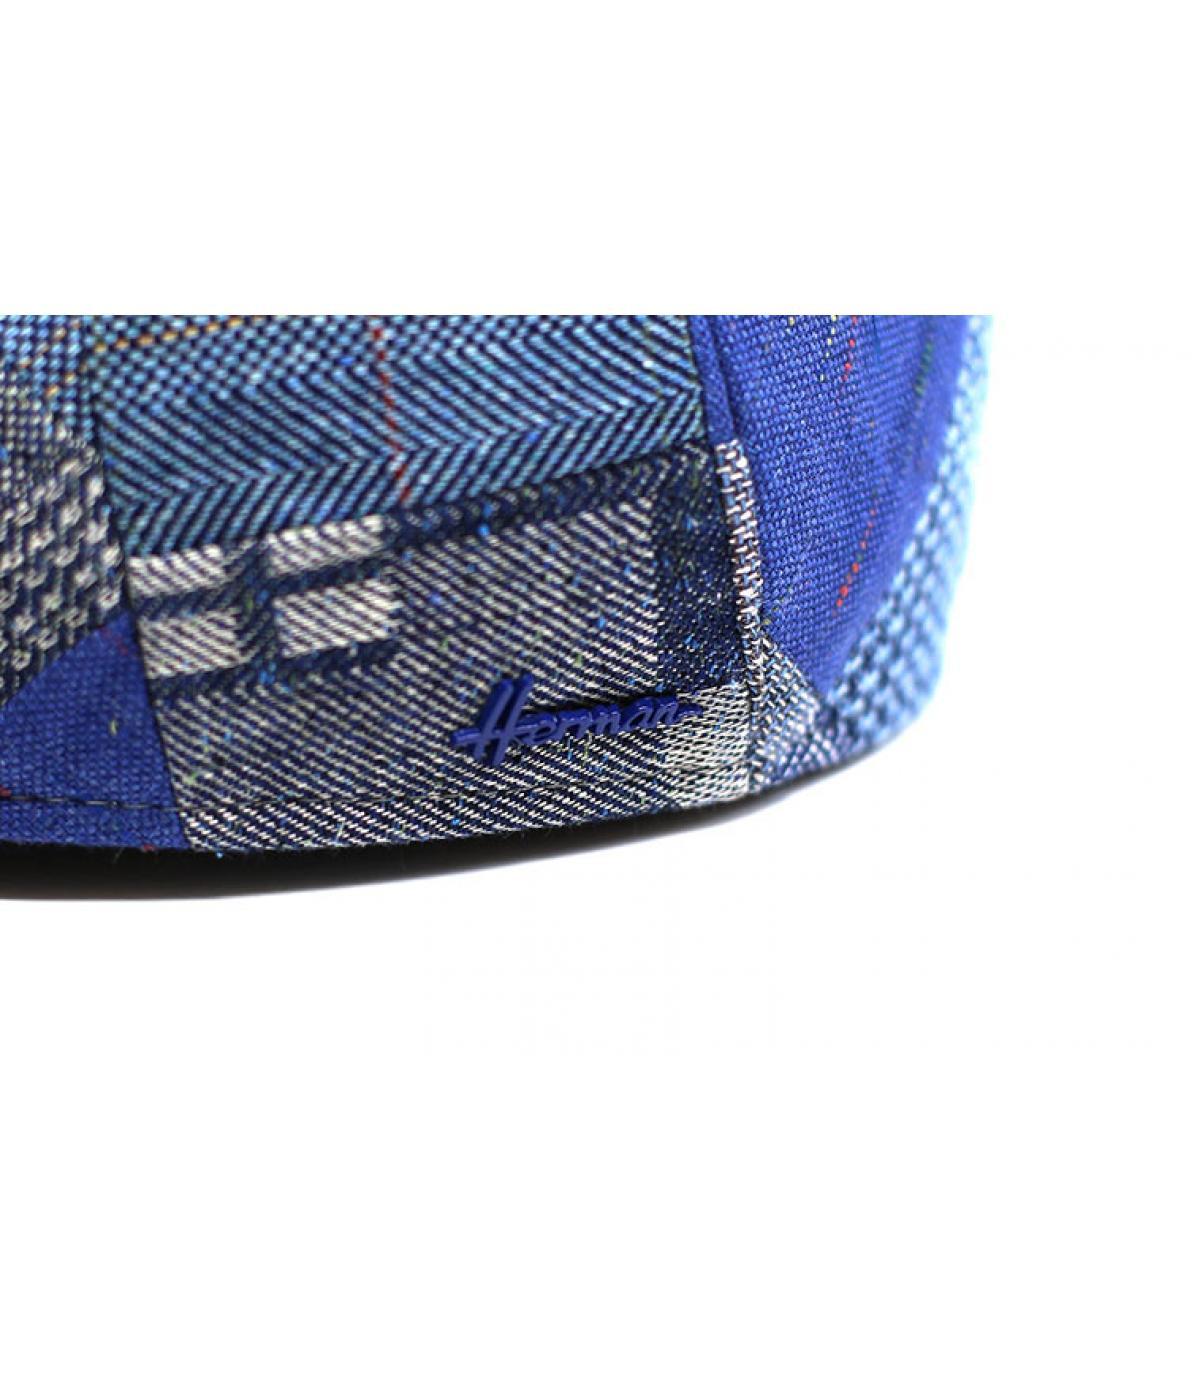 Detalles Westin Patch blue imagen 3